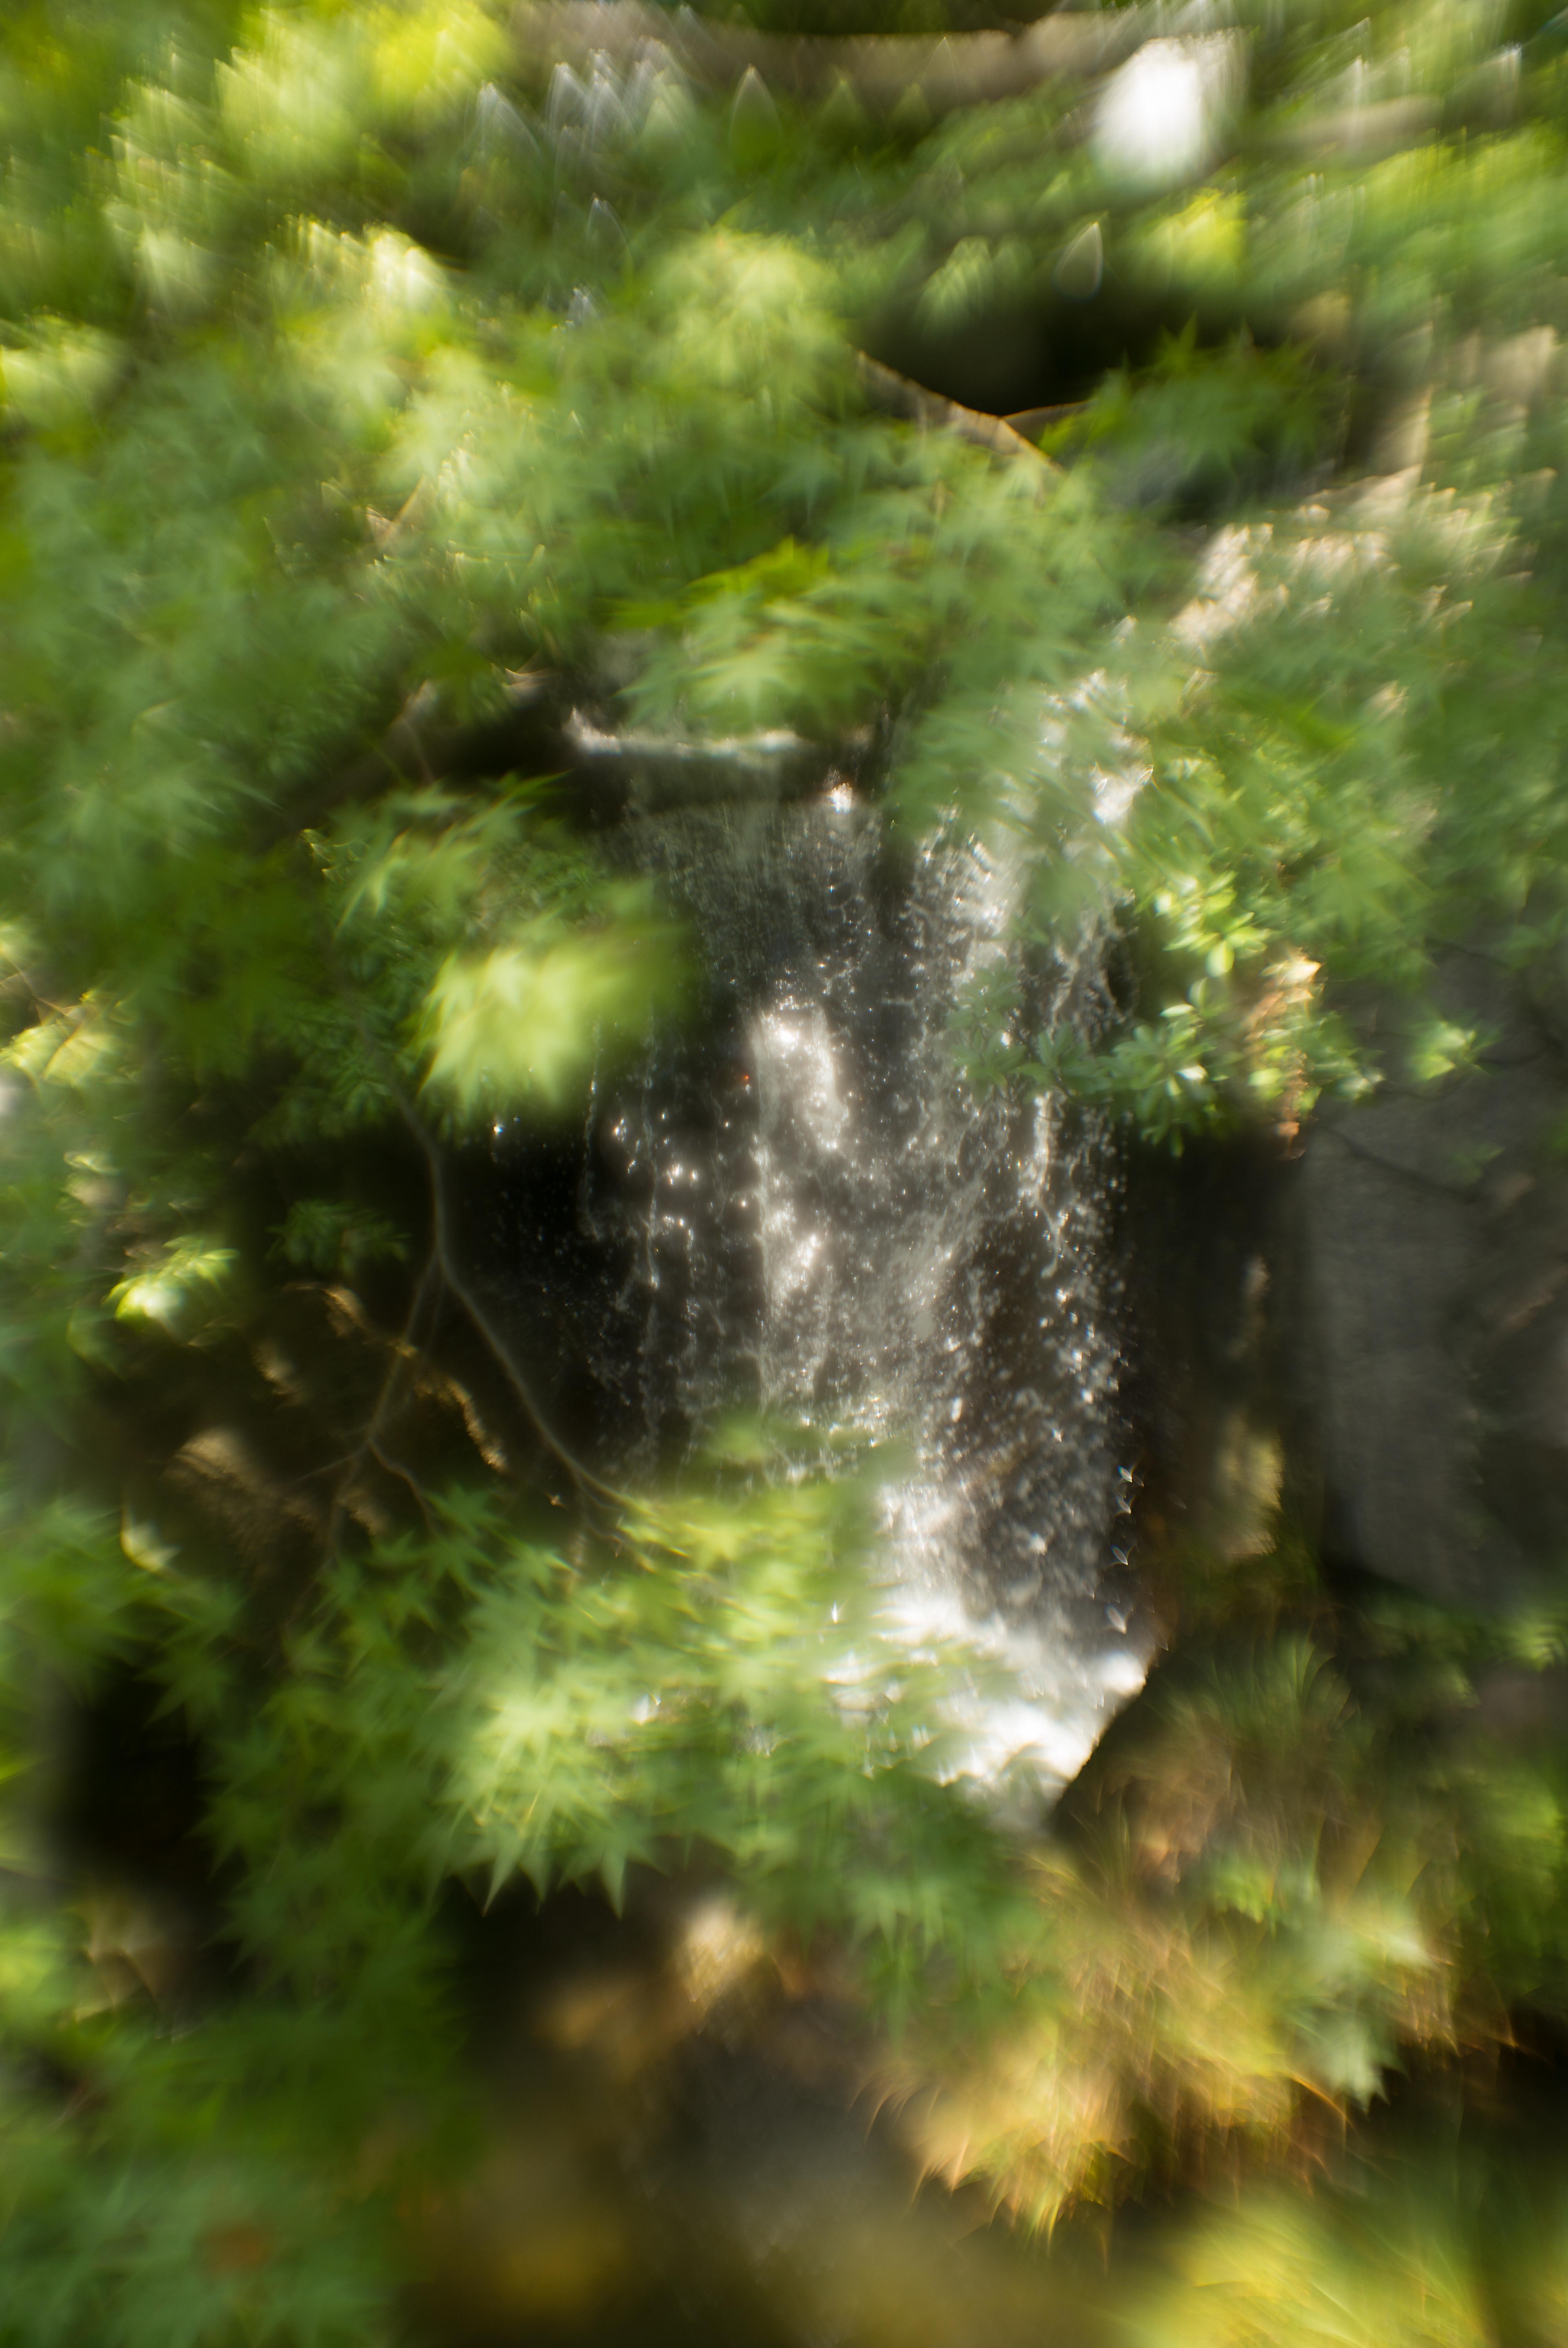 Leica M Typ 240 / 花影 S1 60mm F2.2 / 1/350秒 / F2.2 / -0.66EV / ISO200 / WB:オート